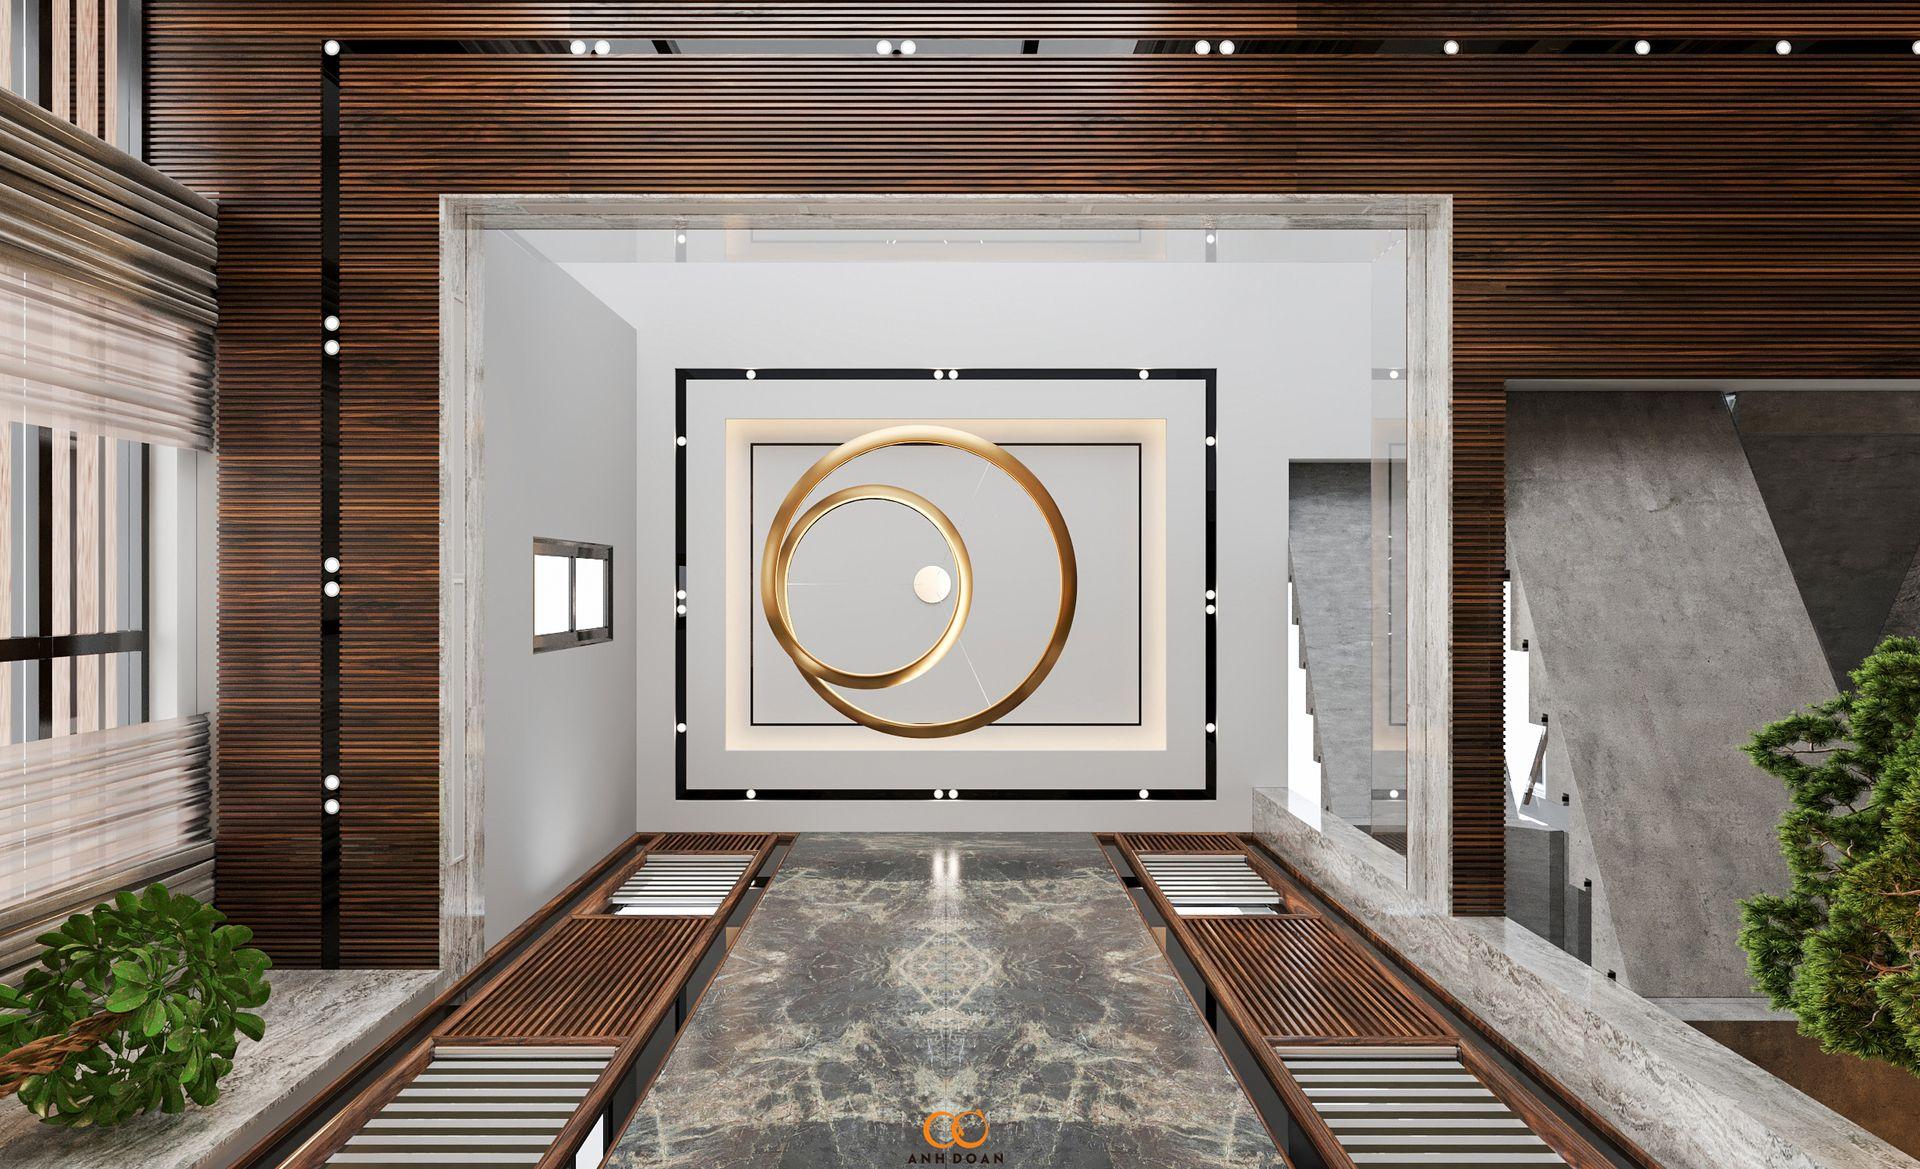 Thiết kế không gian nội thất (Thiết kế 3D) – Thiết kế bản vẽ chi tiết sản xuất